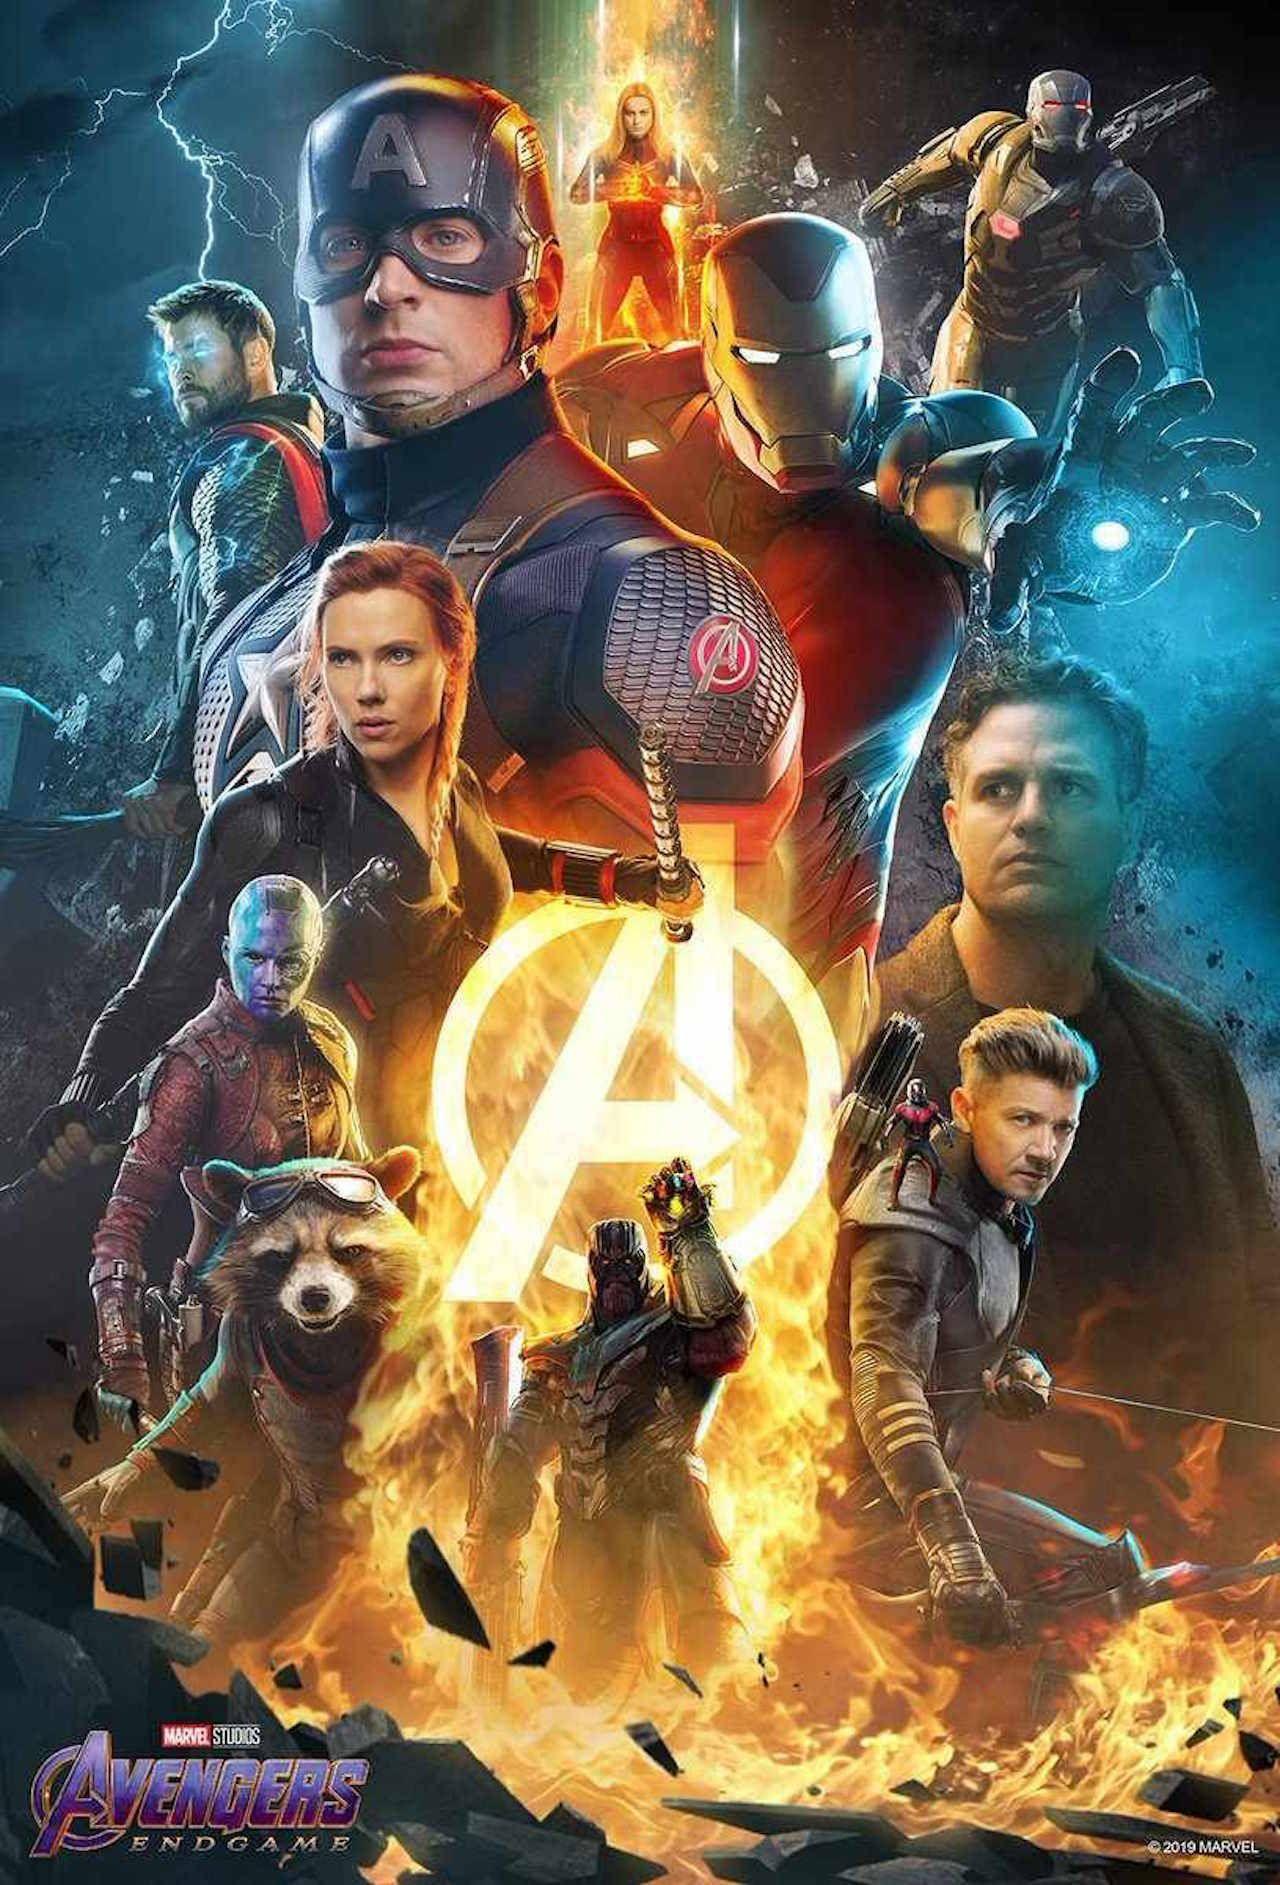 Avengers Endgame Marvel Superhero Movie Characters Captain America Art Poster